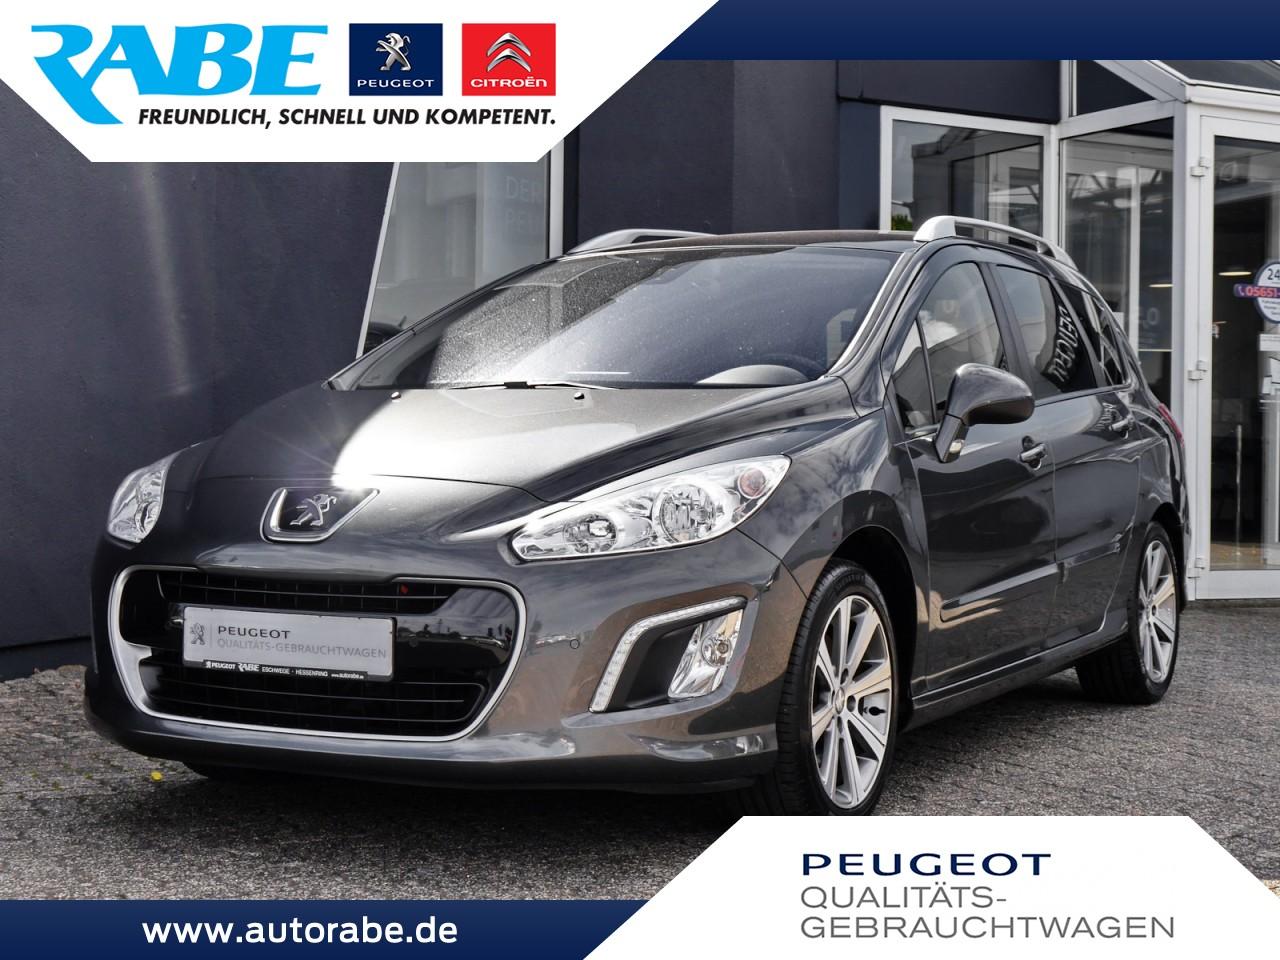 Peugeot 308 SW Allure 150 HDi AHK+Panorama+Klimaaut.+LM, Jahr 2013, Diesel